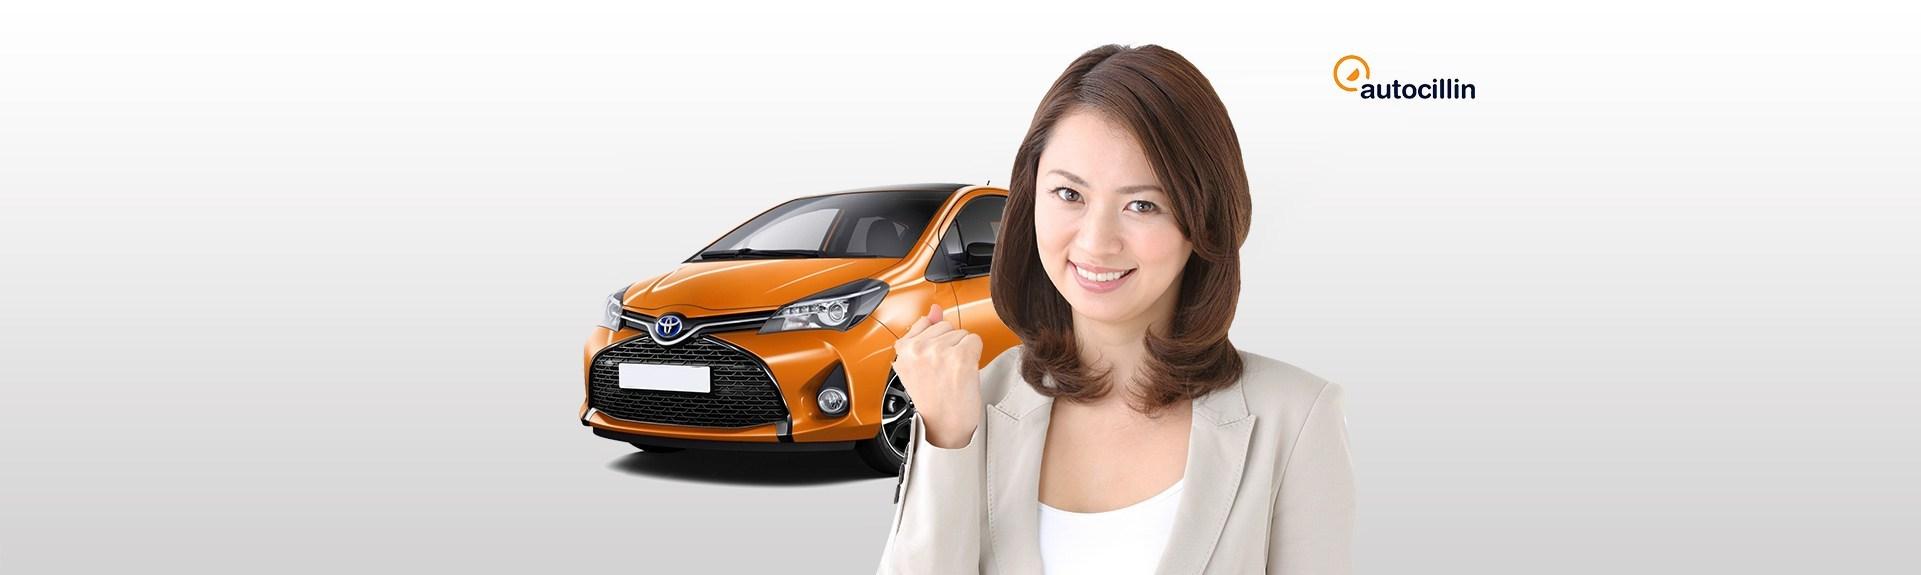 Asuransi Mobil All Risk yang Bagus